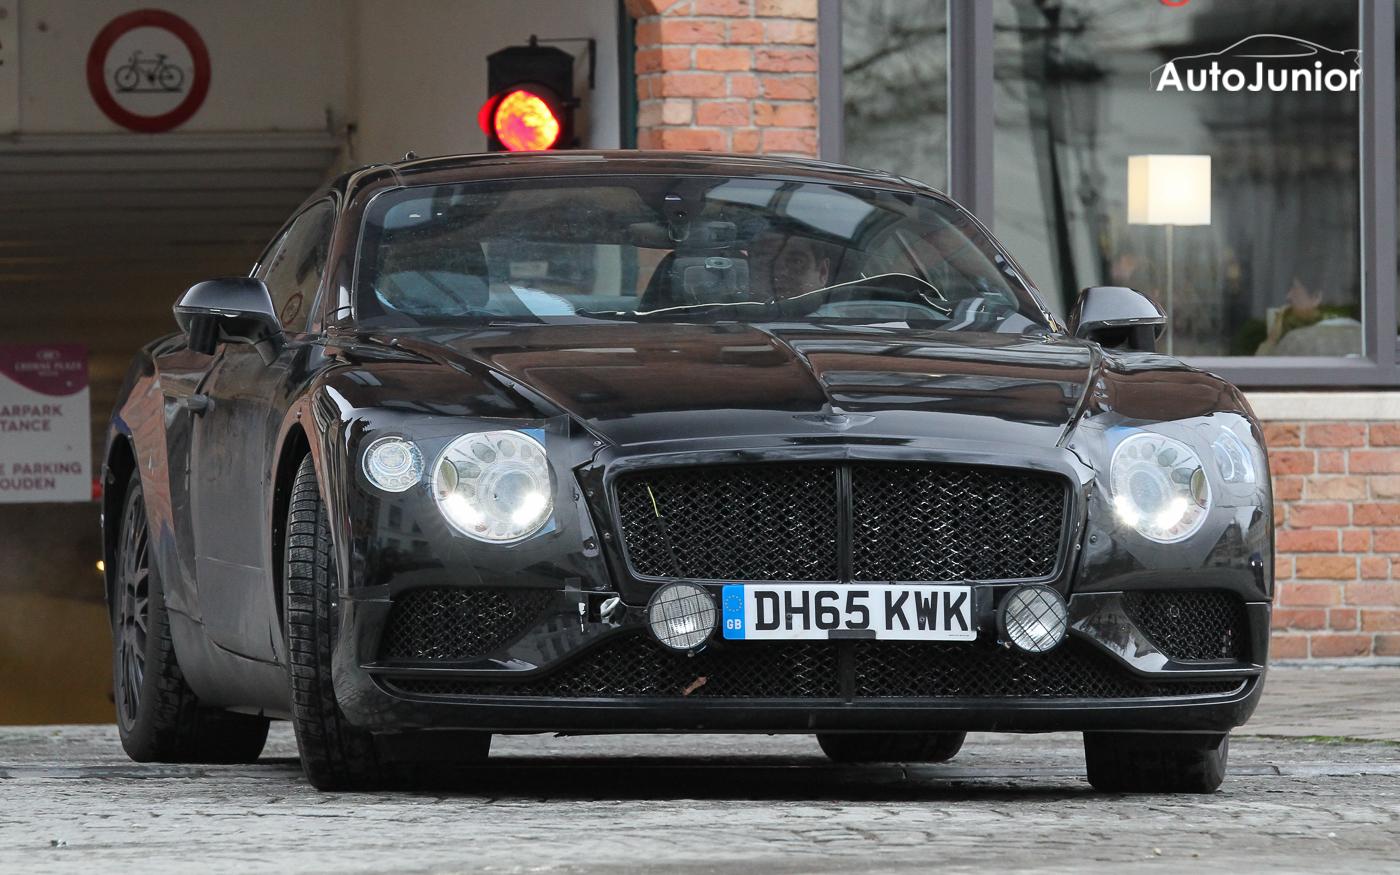 Gespot: Prototype nieuwe Bentley Continental GT in hartje Brugge